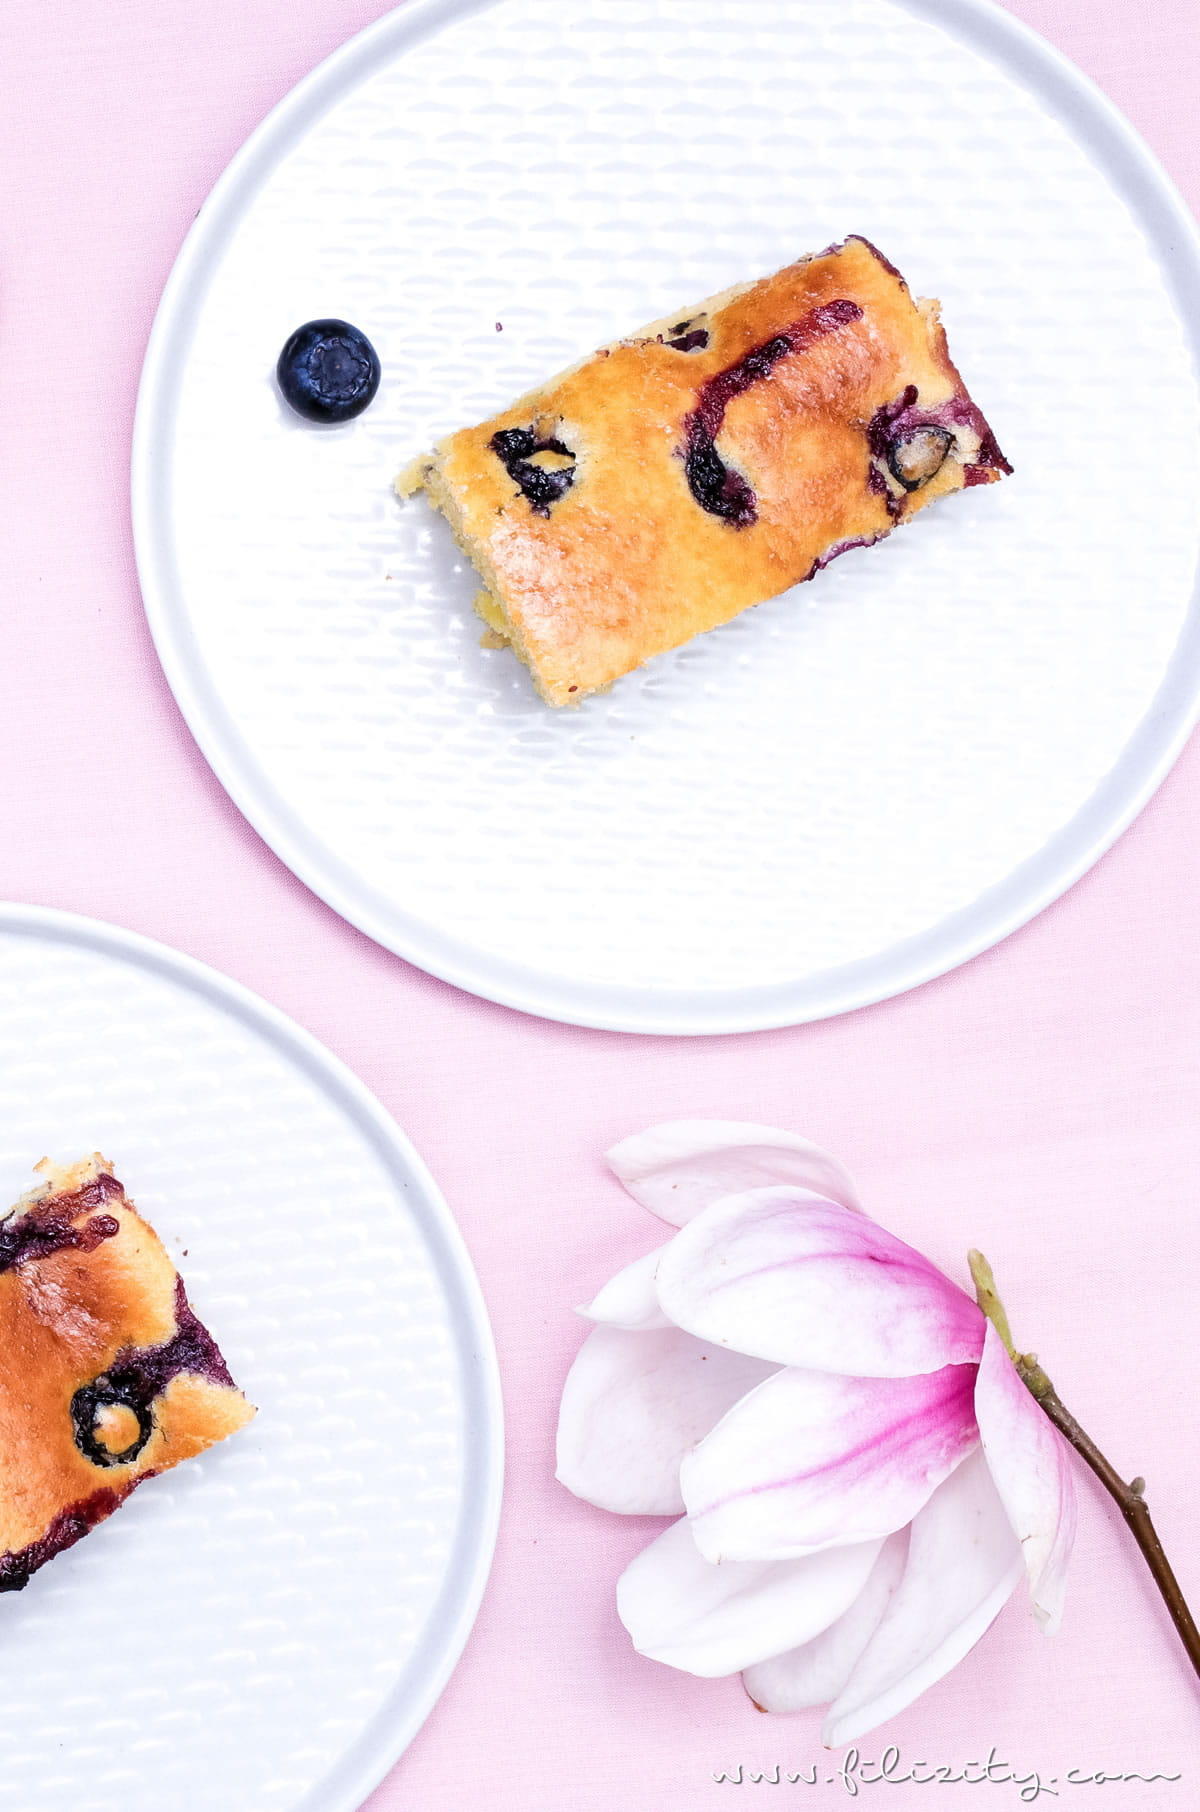 schnelles fr hst ck oder dessert f r viele personen ofen pfannkuchen mit blaubeeren eierkuchen. Black Bedroom Furniture Sets. Home Design Ideas